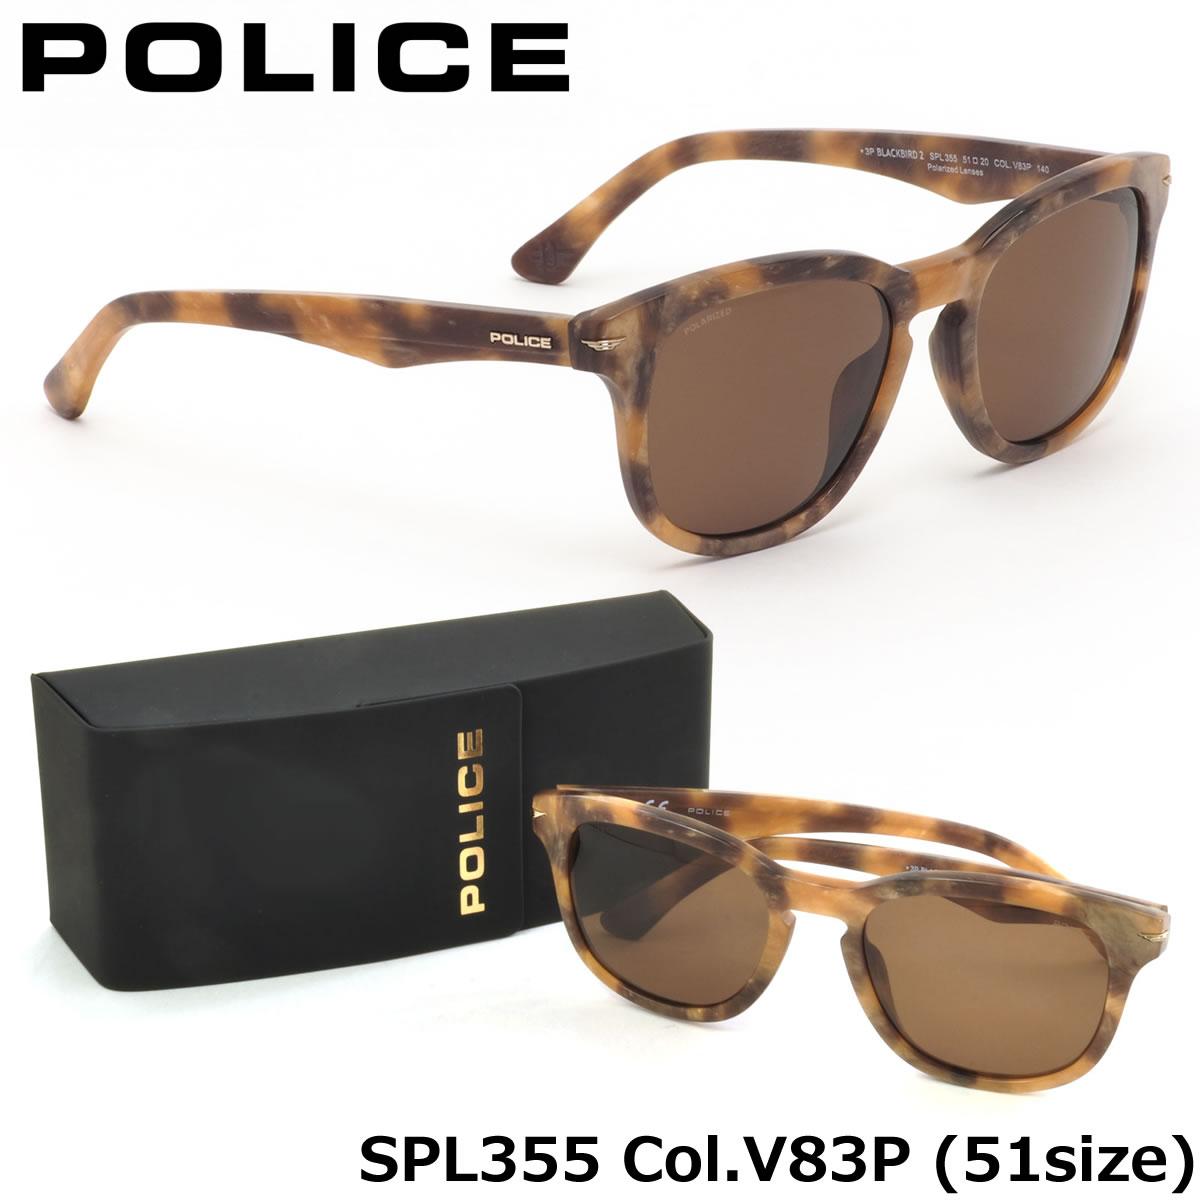 ポイント最大42倍!!お得なクーポンも !! 【ポリス】 (POLICE) サングラスSPL355 V83P 51サイズBLACKBIRD2 ボストン ウェリントン ボスリントン 偏光レンズ 偏光サングラスPOLICE メンズ レディース